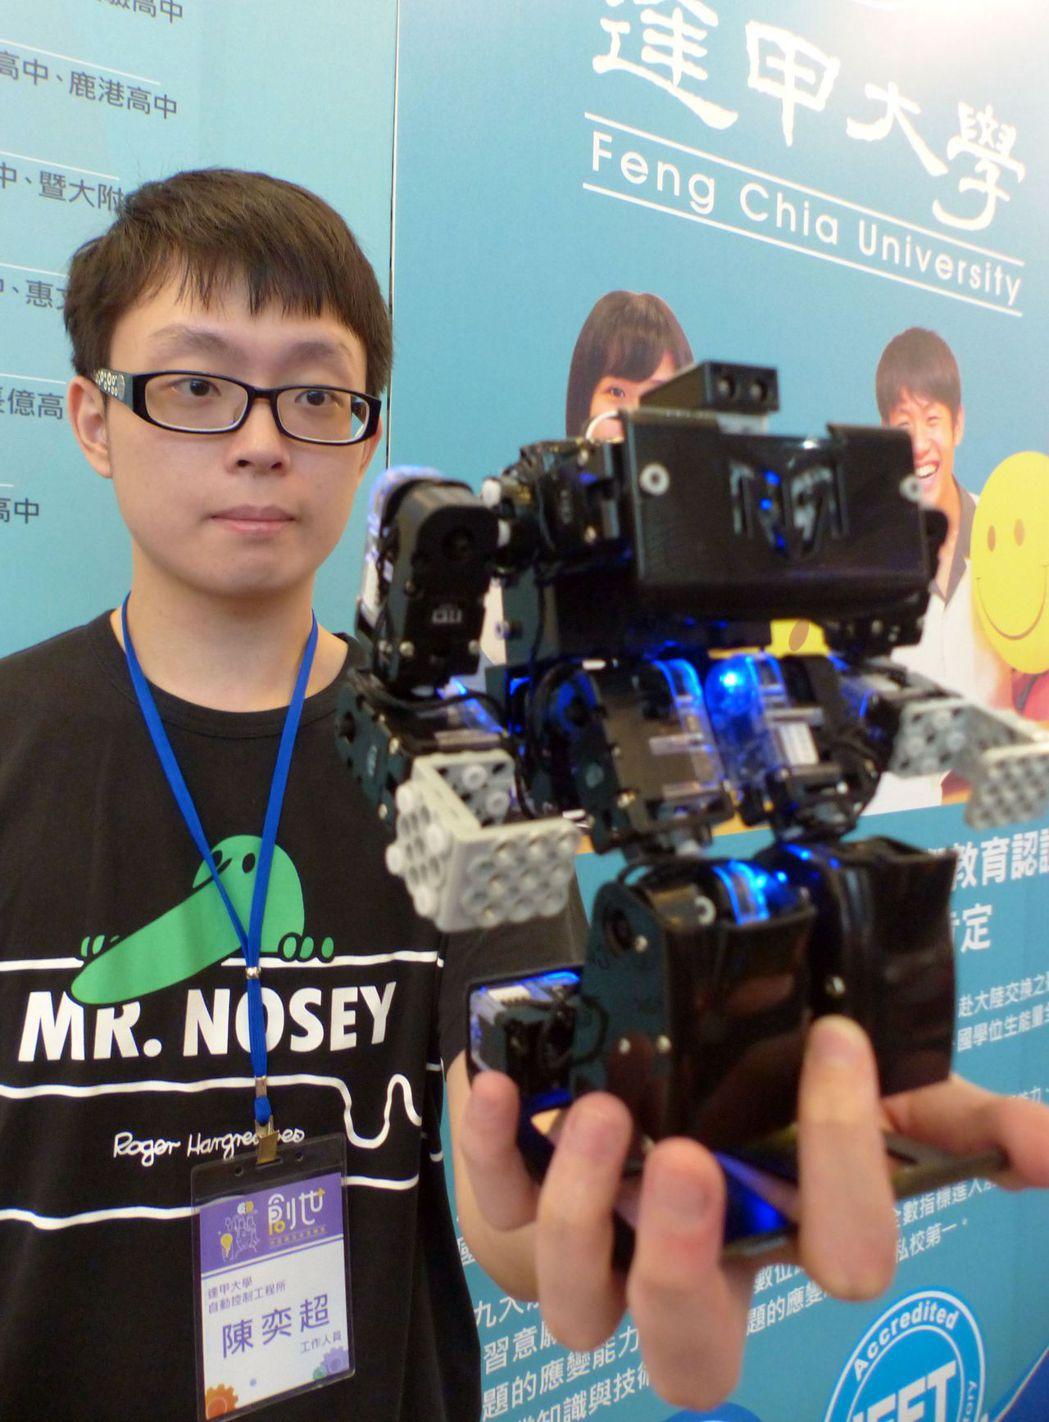 逢甲大學學生利用程式設計,讓機器人會翻滾、踢足球。記者趙容萱/攝影